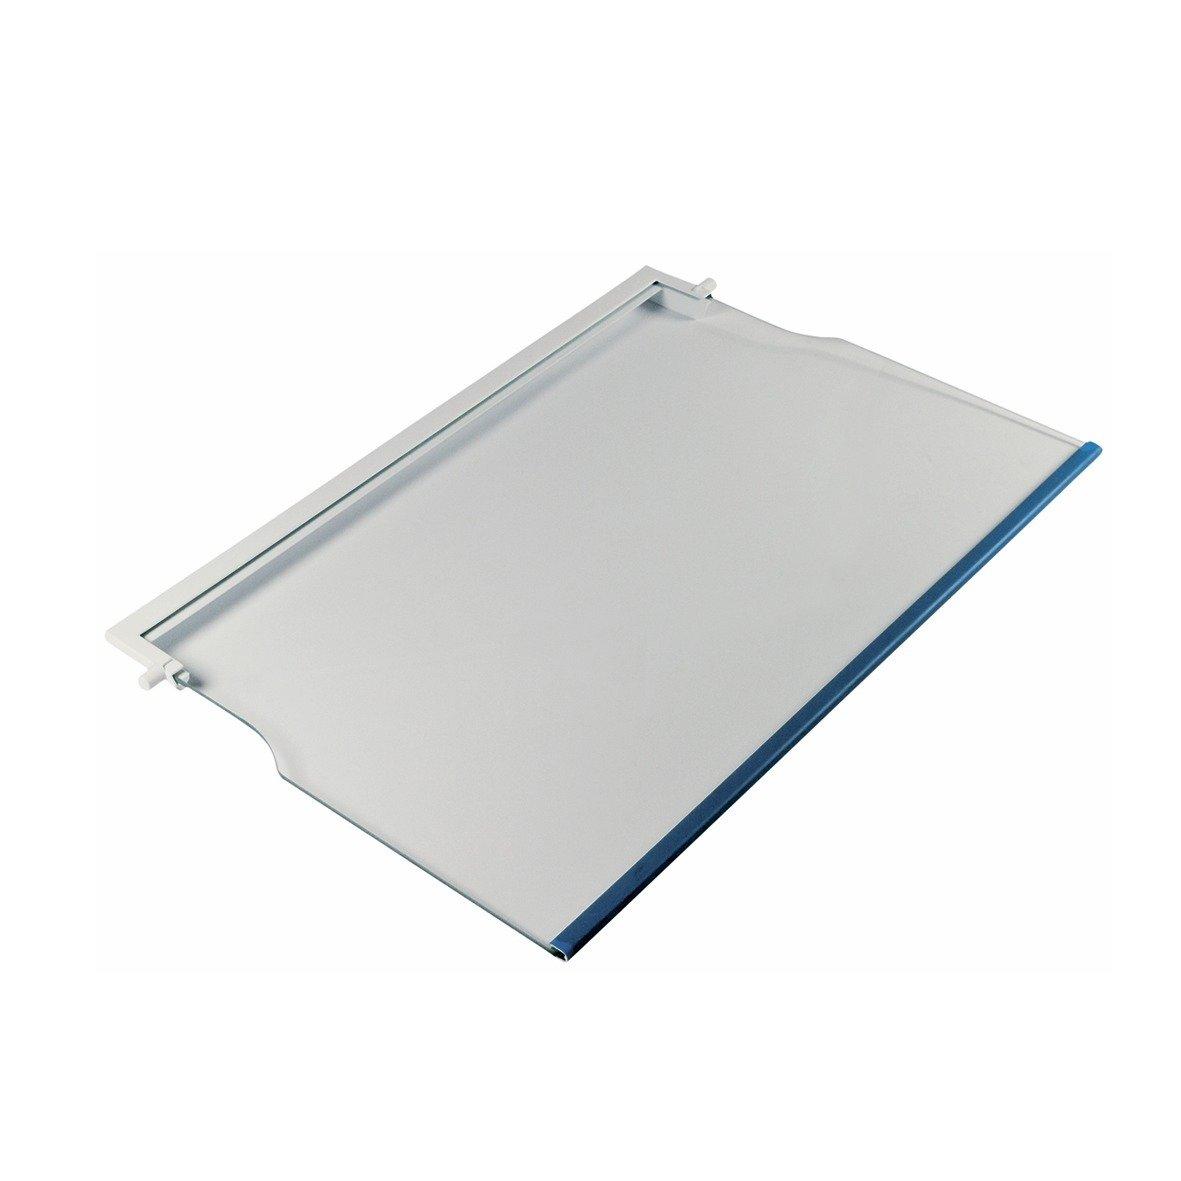 Glasplatte SIEMENS 00353028 Original in weißem Rahmen für Kühlschrank eingesetzt